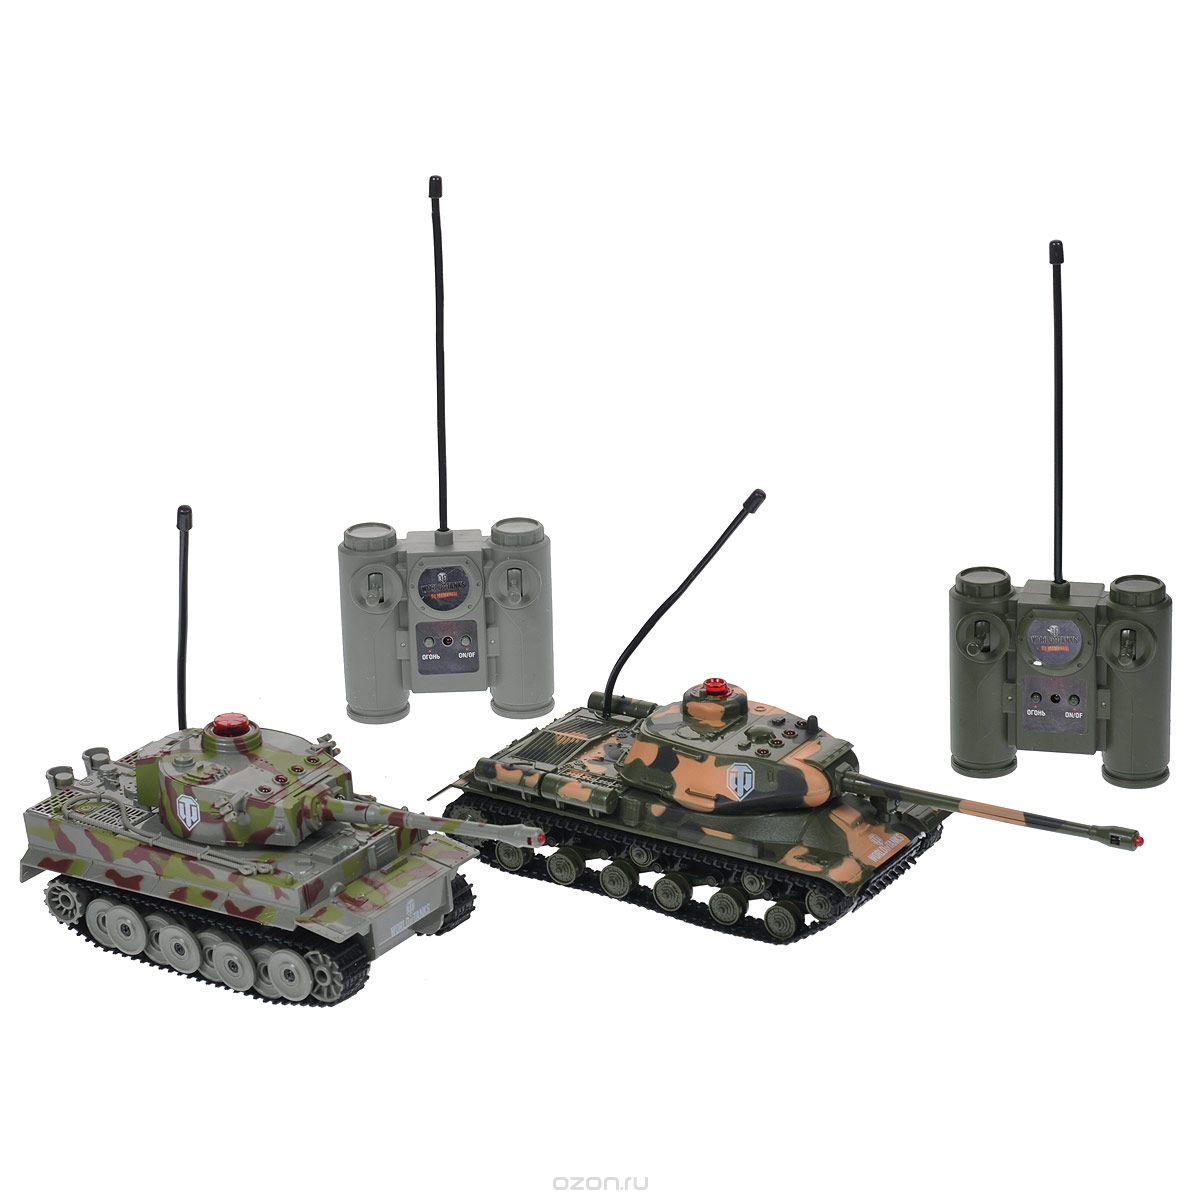 Dream Makers Набор танков на радиоуправлении WargamingRD128AНабор радиоуправляемых моделей Dream Makers Wargaming - отличный подарок не только ребенку, но и взрослому. Набор состоит из двух самых знаковых тяжелых танков эпохи Второй Мировой Войны: это немецкий танк Тигр и советский ИС, выполненные из прочного безопасного пластика в масштабе 1/32. Управление обоими танками (каждой гусеницей отдельно и поворотом башни) осуществляется посредством радиосигнала. Радиус действия составляет 10 метров. Танки оборудованы ИК-пушками и фотоприемниками, позволяющими организовывать танковые сражения. Радиус действия ИК сигнала 3 метра. Танки работают на разных частотах (27,145 и 40,685 МГц). На башне каждого танка находится четыре диода, отображающих текущий уровень жизни танка, а так же фотоприемник. На конце дула находится диод, который загорается и посылает пучок света при выстреле. Направьте дуло одного танка на фотоприемник танка противника и выстрелите из пушки или пулемета. В случае попадания в танк противника, фотоприемник...